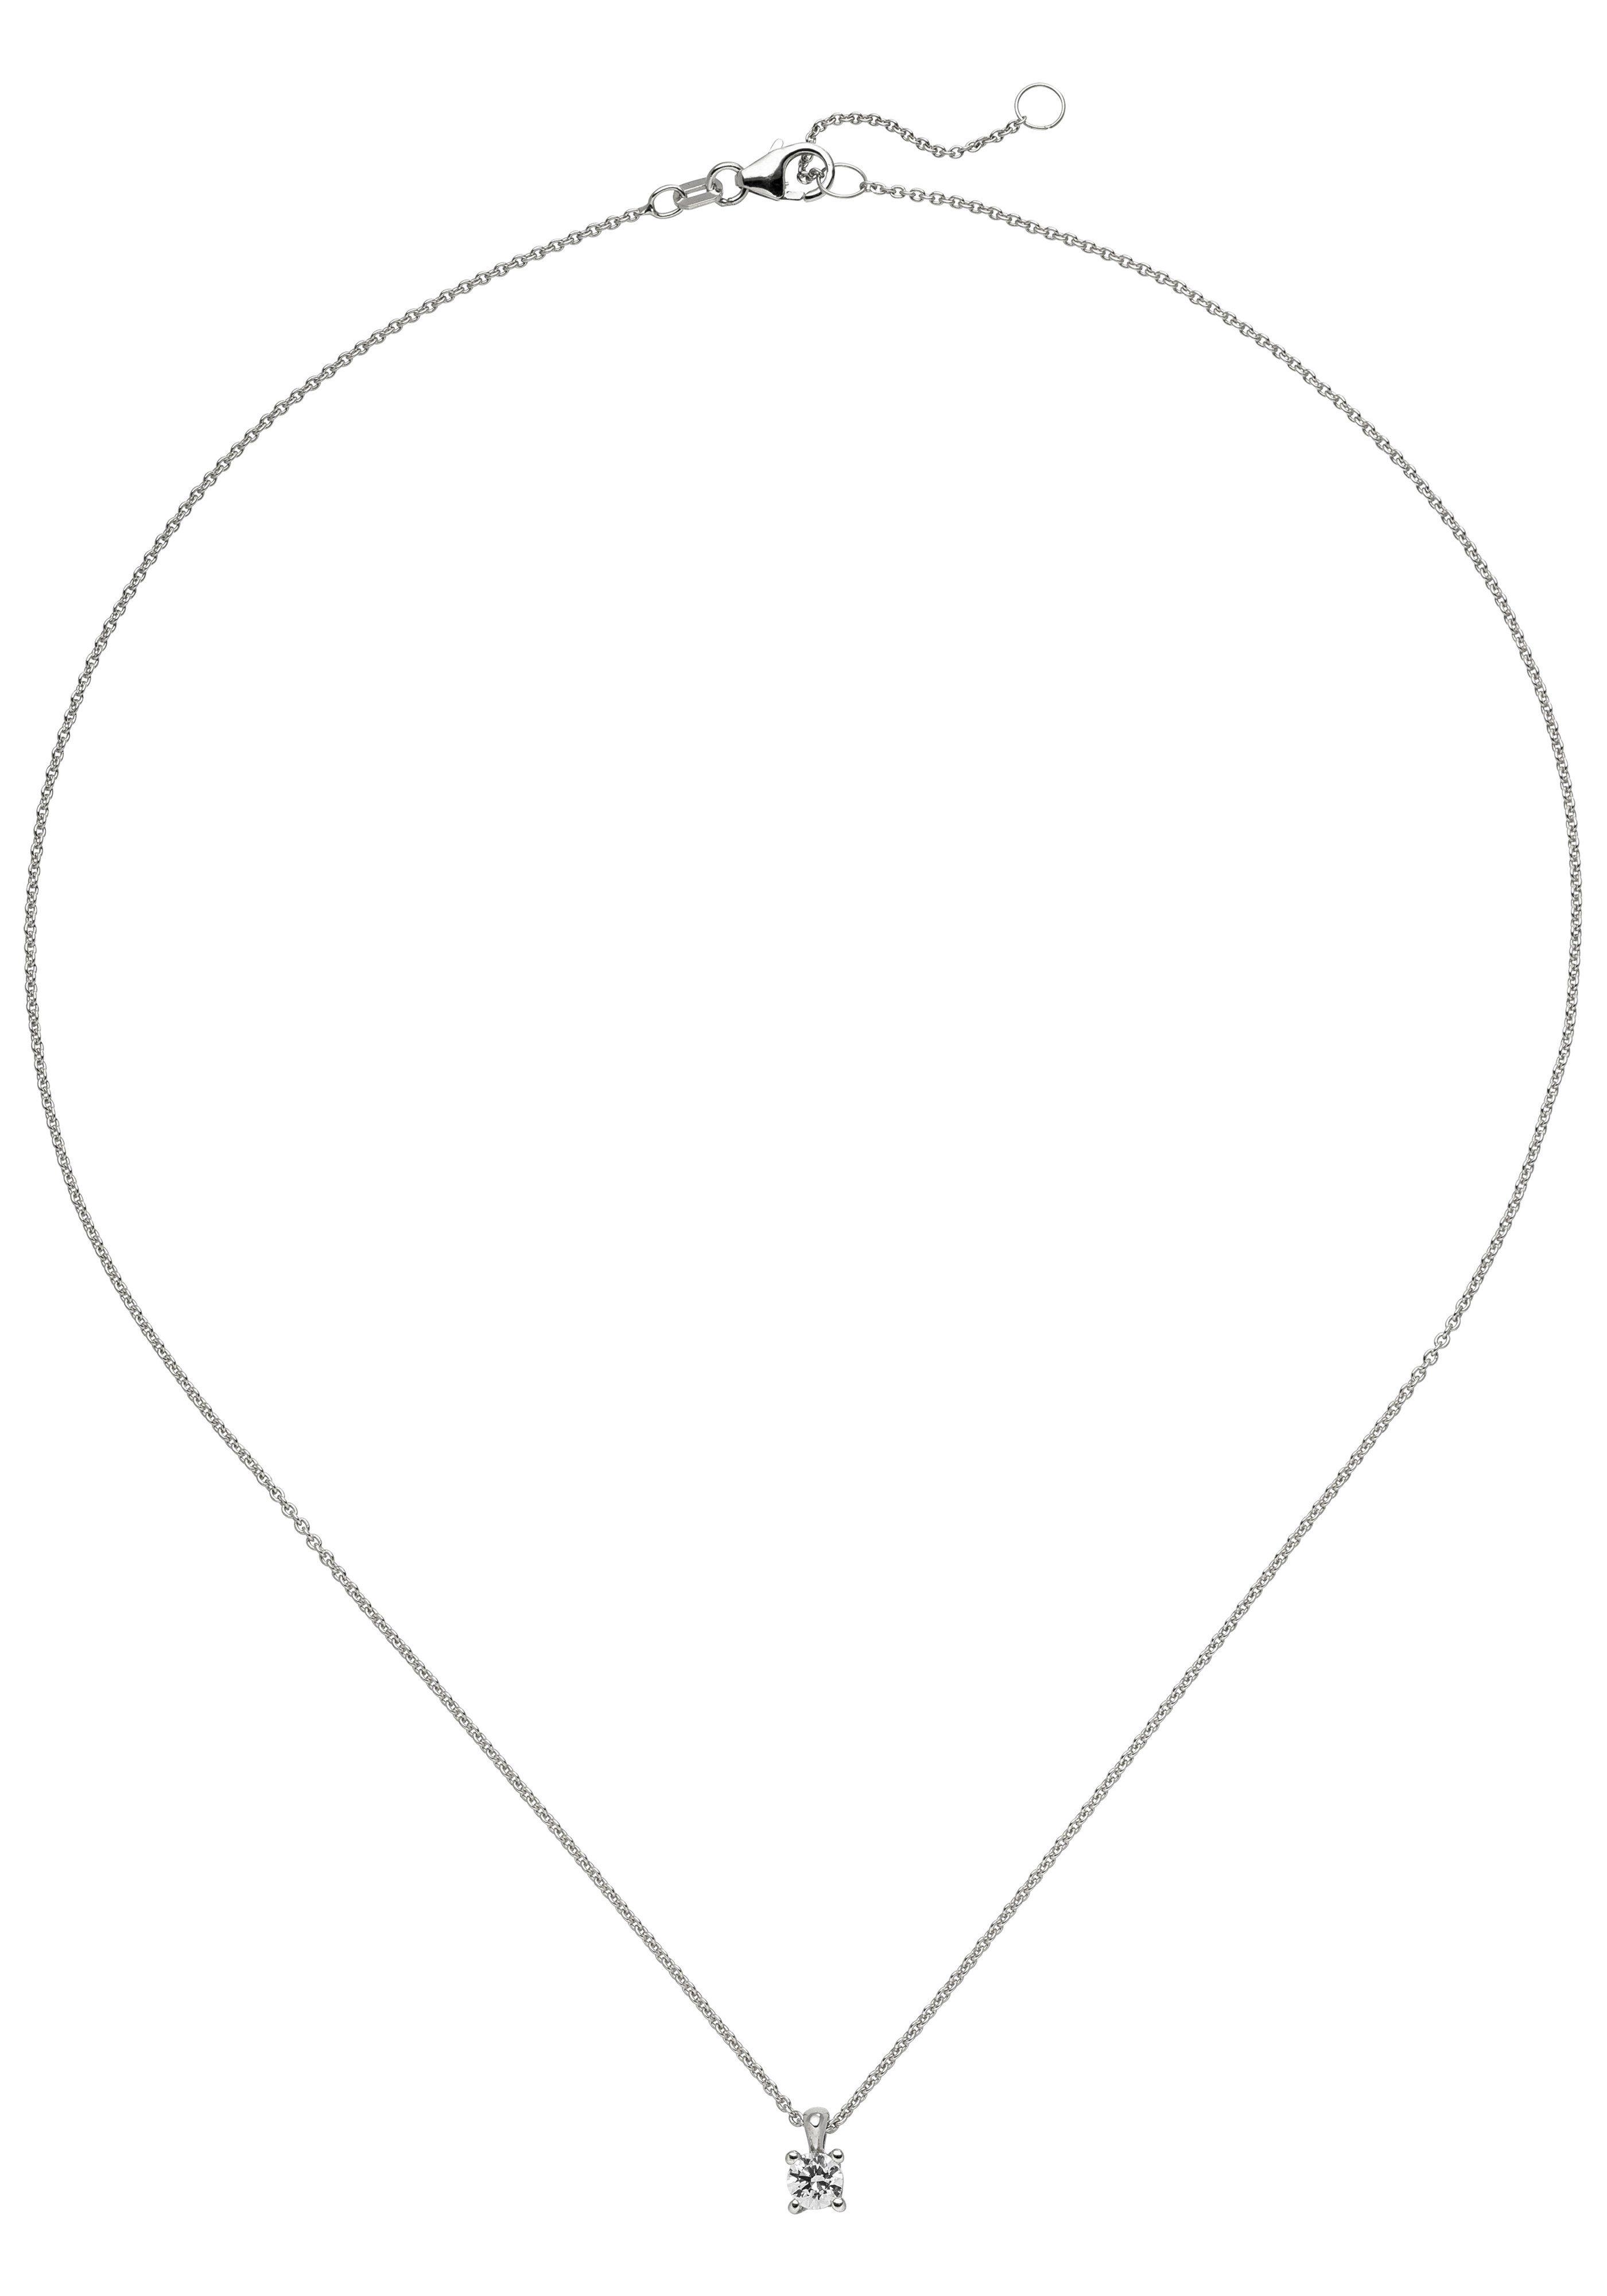 JOBO Kette mit Anhänger »Solitär« 585 Weißgold mit 1 Diamant Brillant 0,15 ct. 45 cm